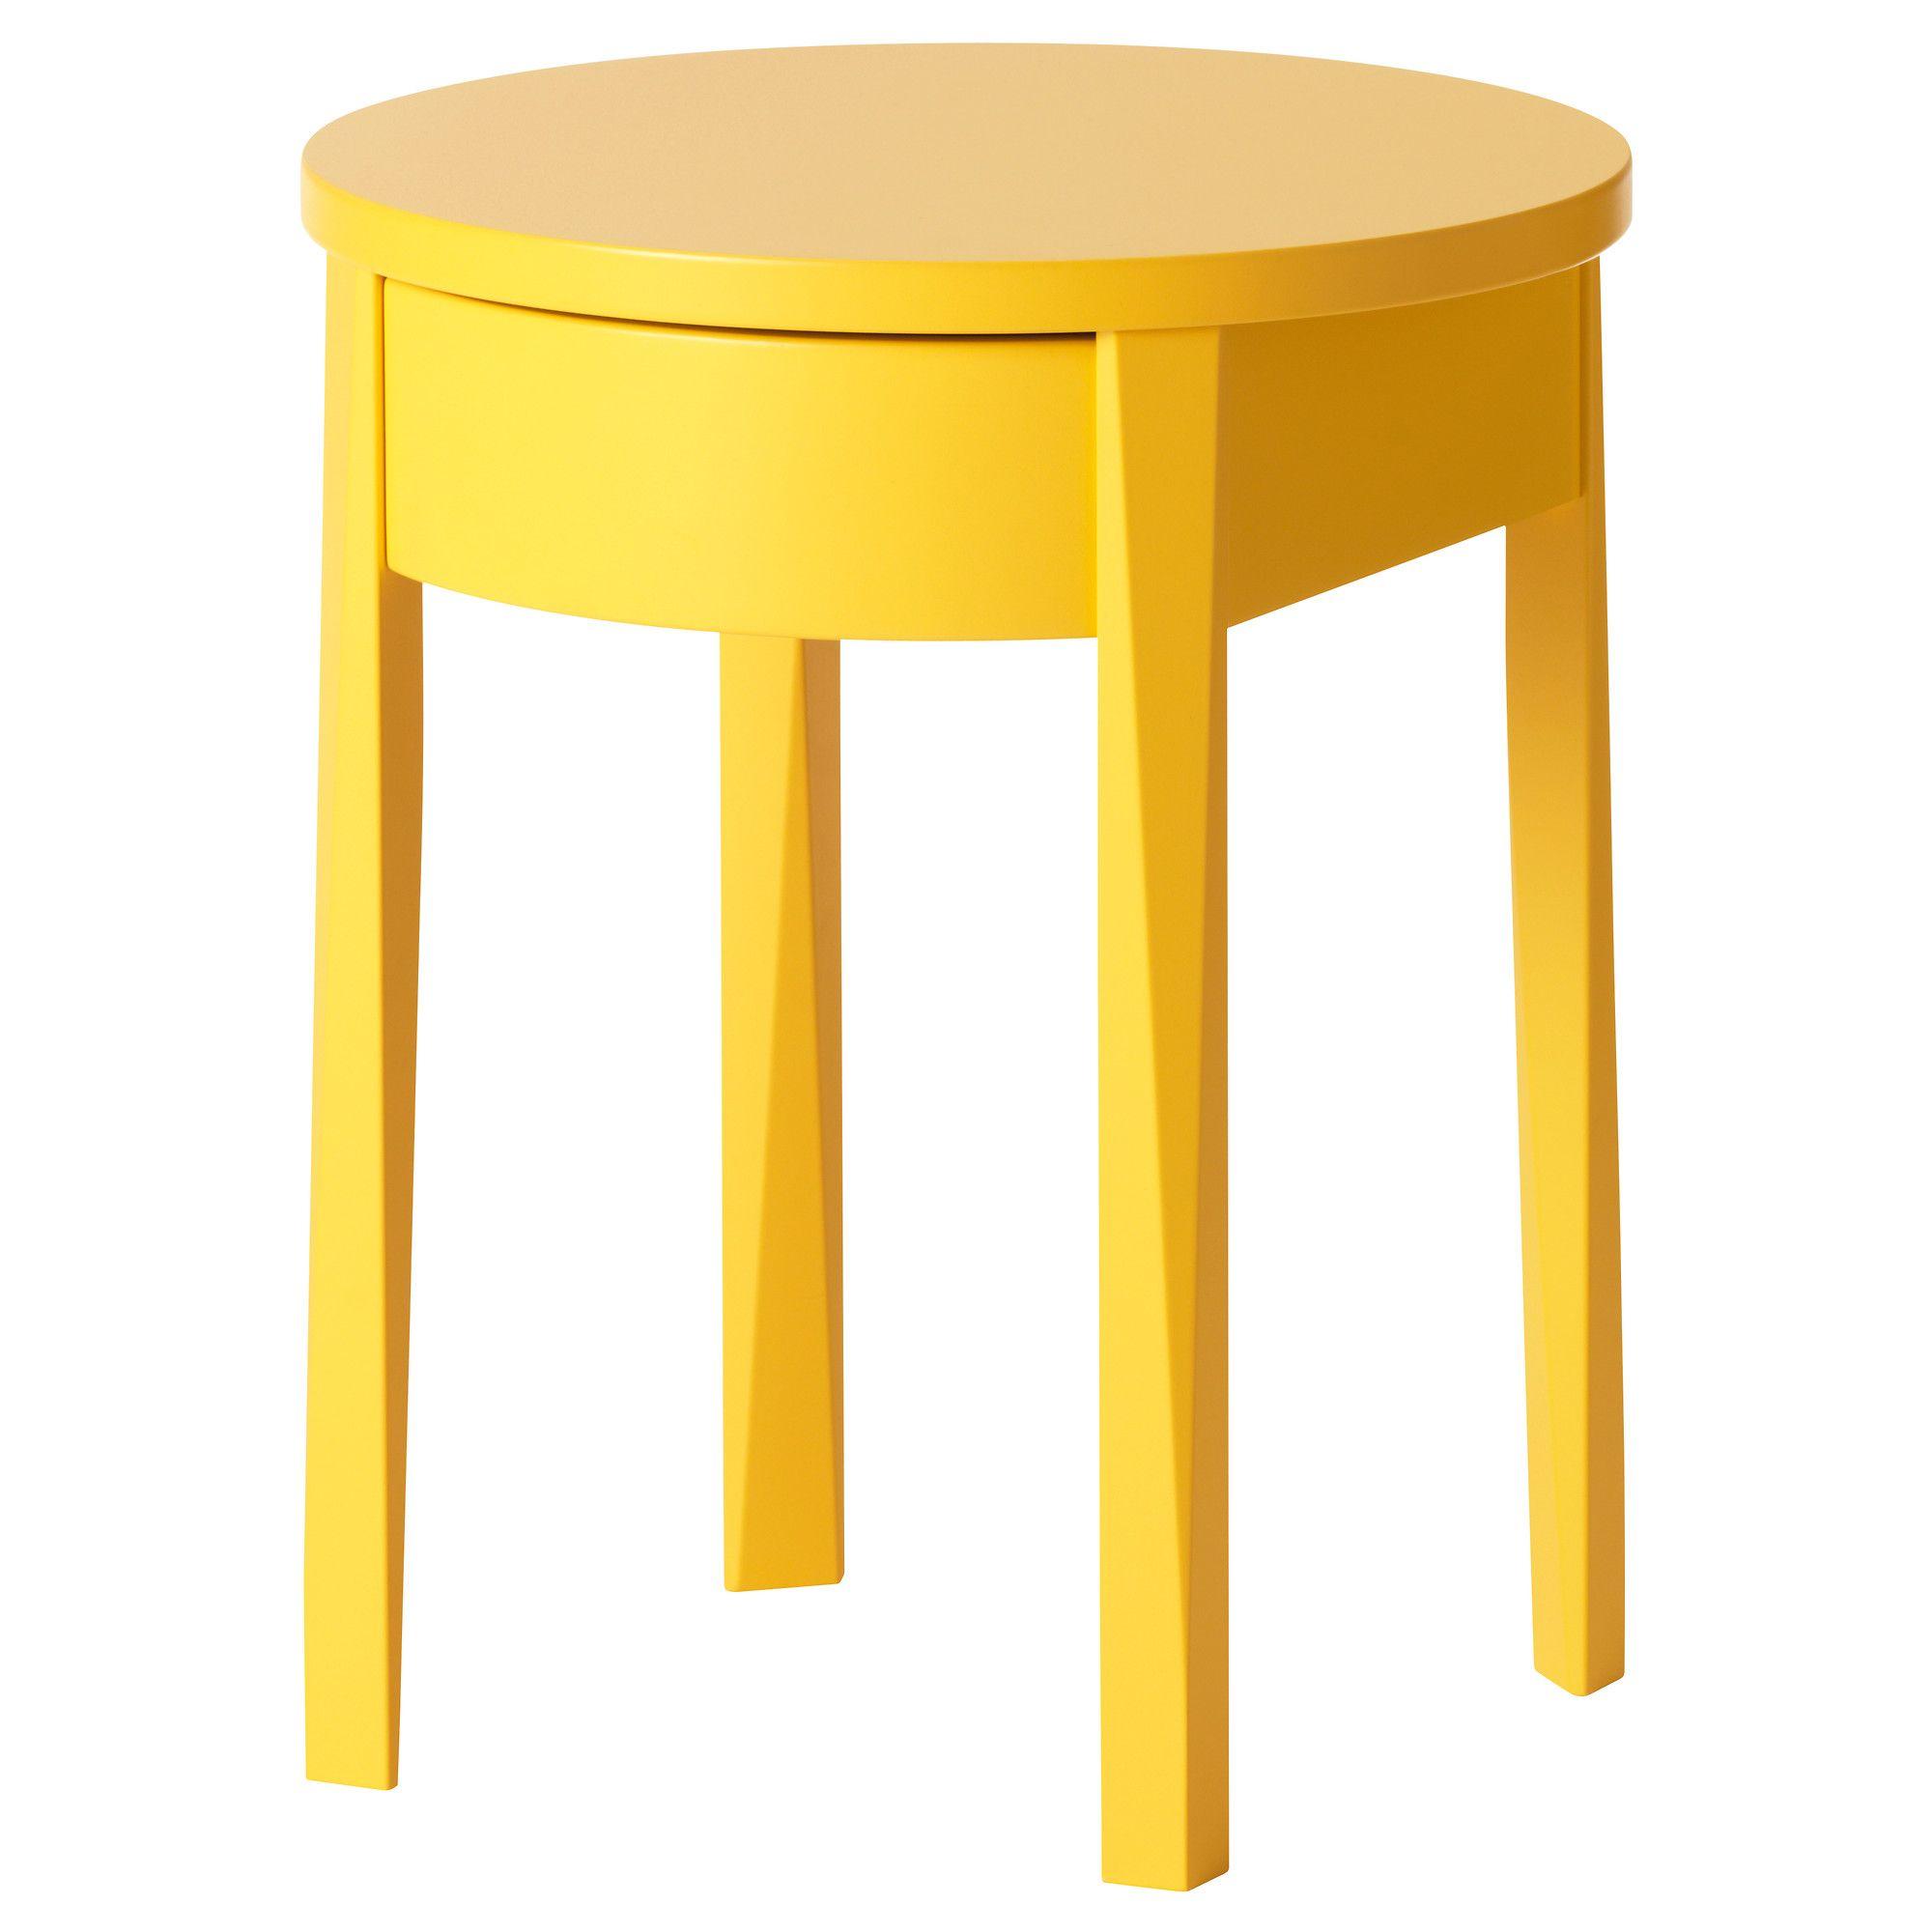 Console Table Ikea Malaysia